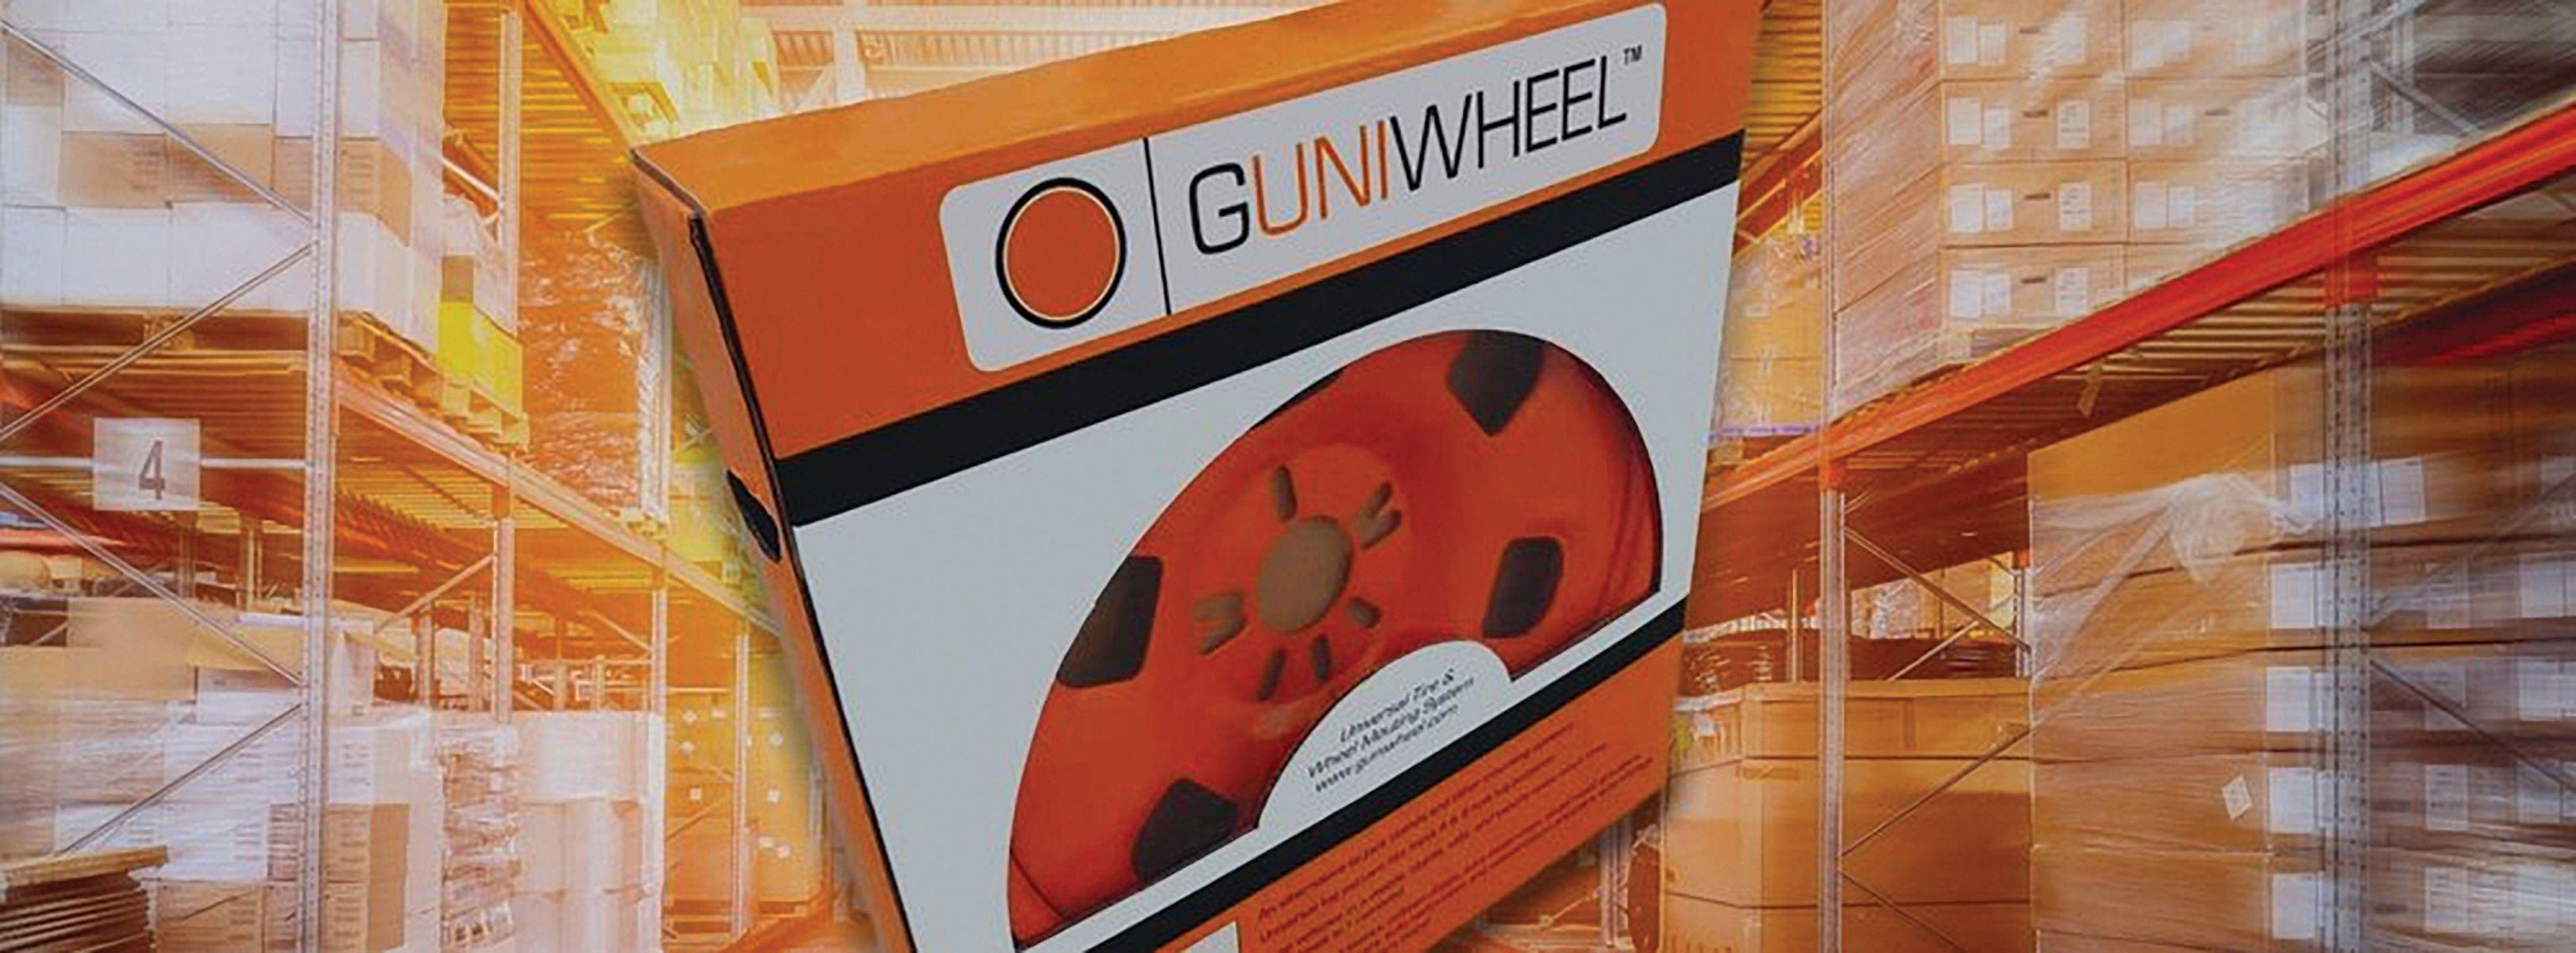 Guniwheel product in a box